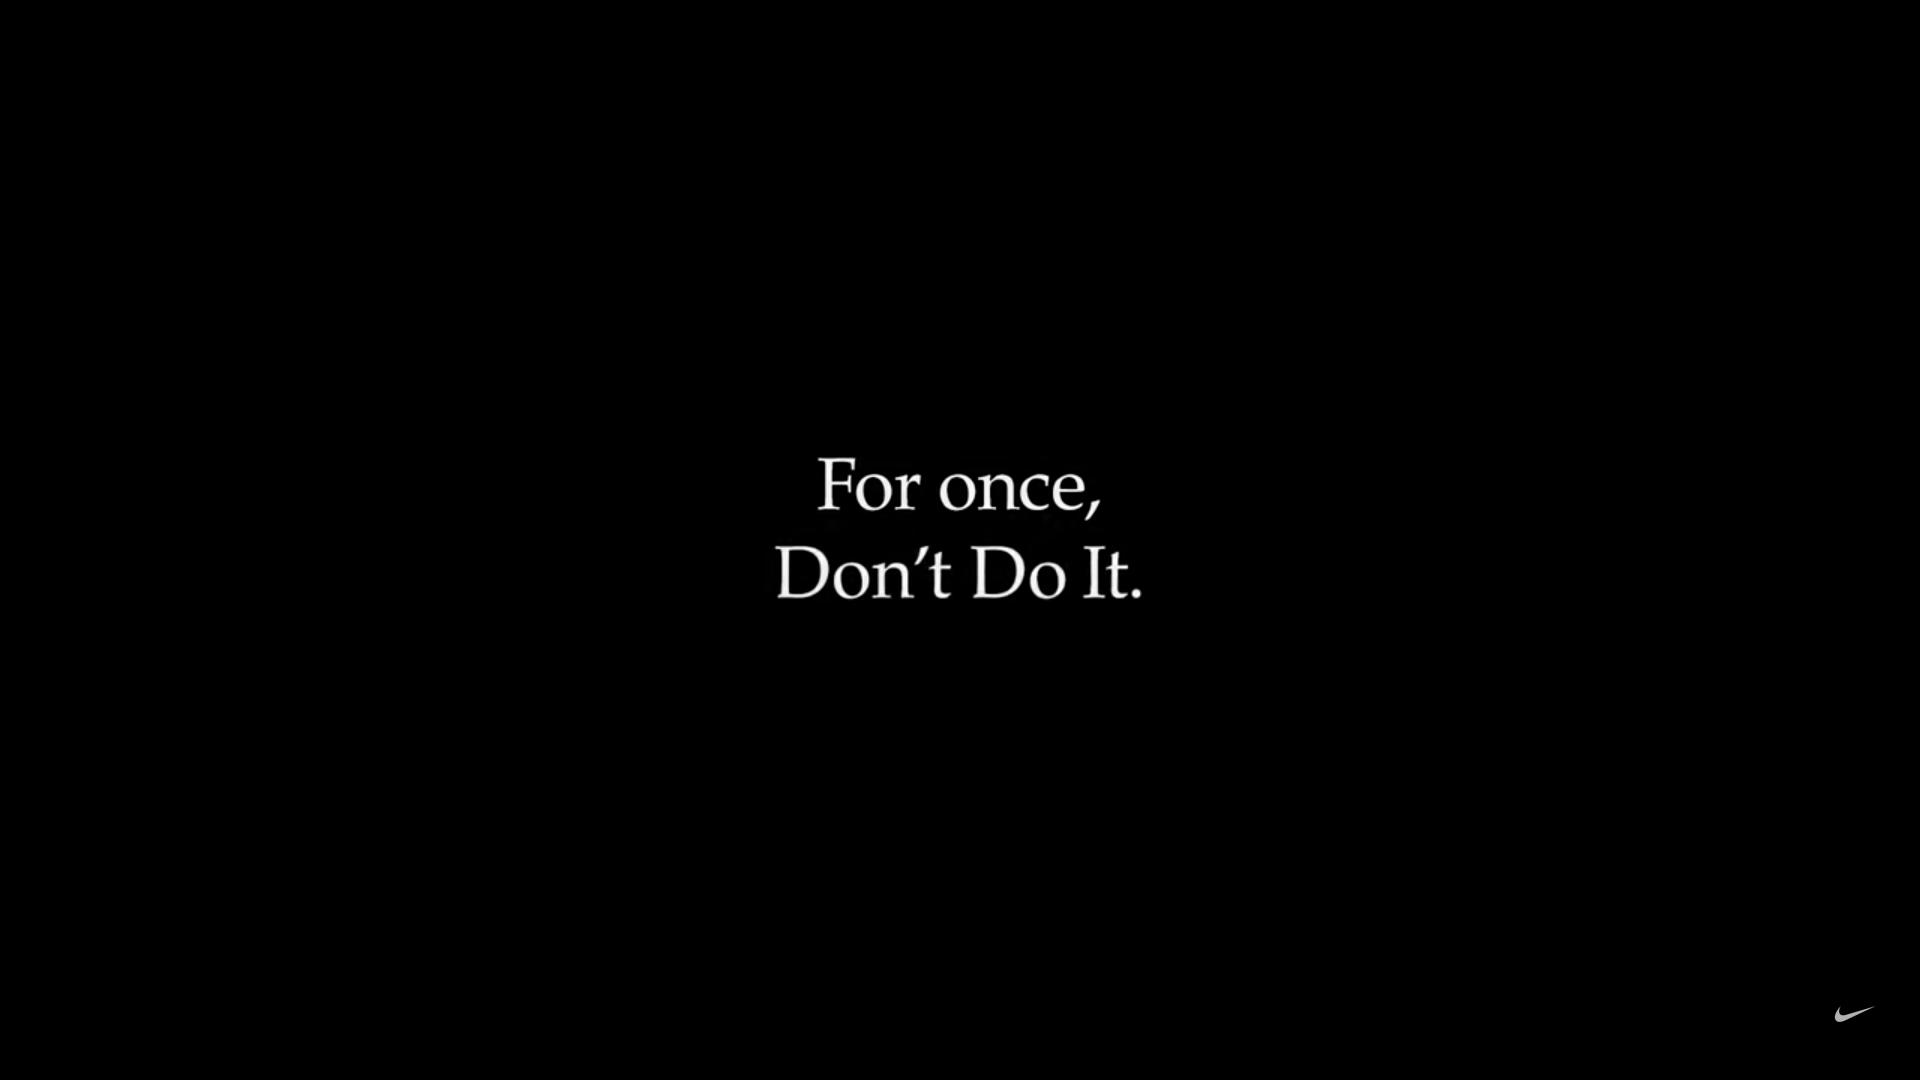 VIDEO: reclamă virală Nike împotriva rasismului: For once, Don't Do It